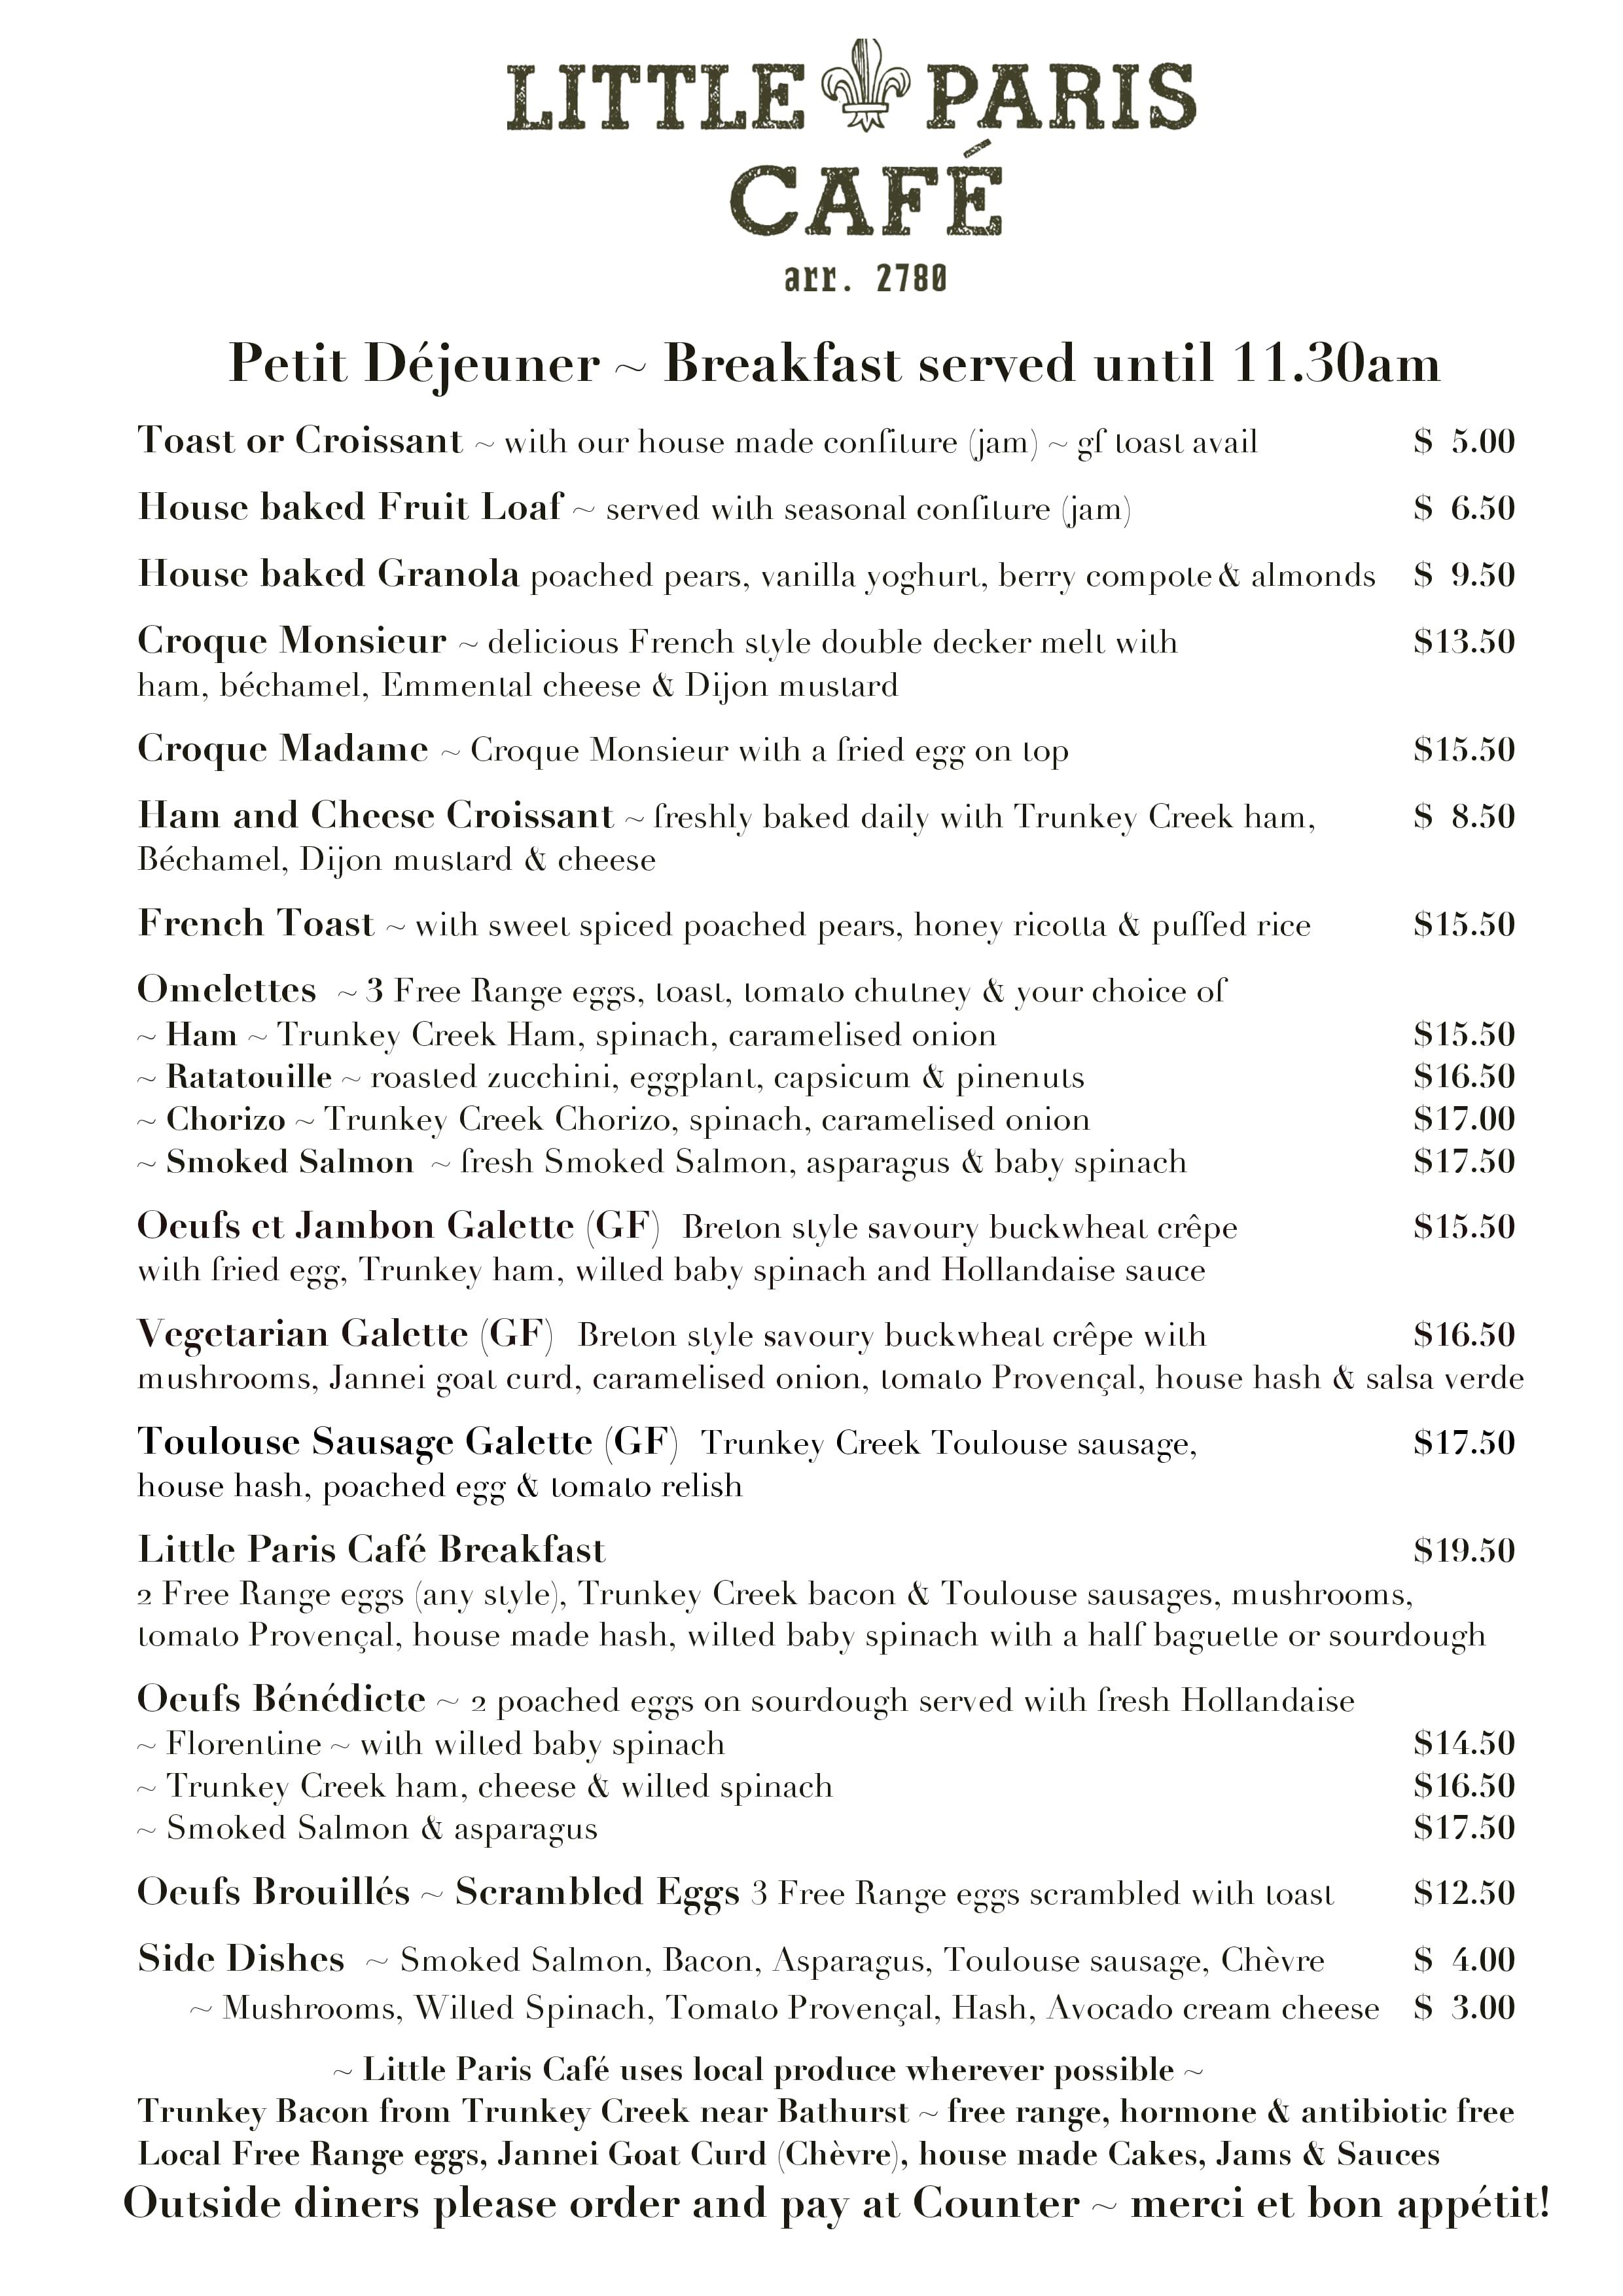 Carta De Little Paris Cafe Katoomba